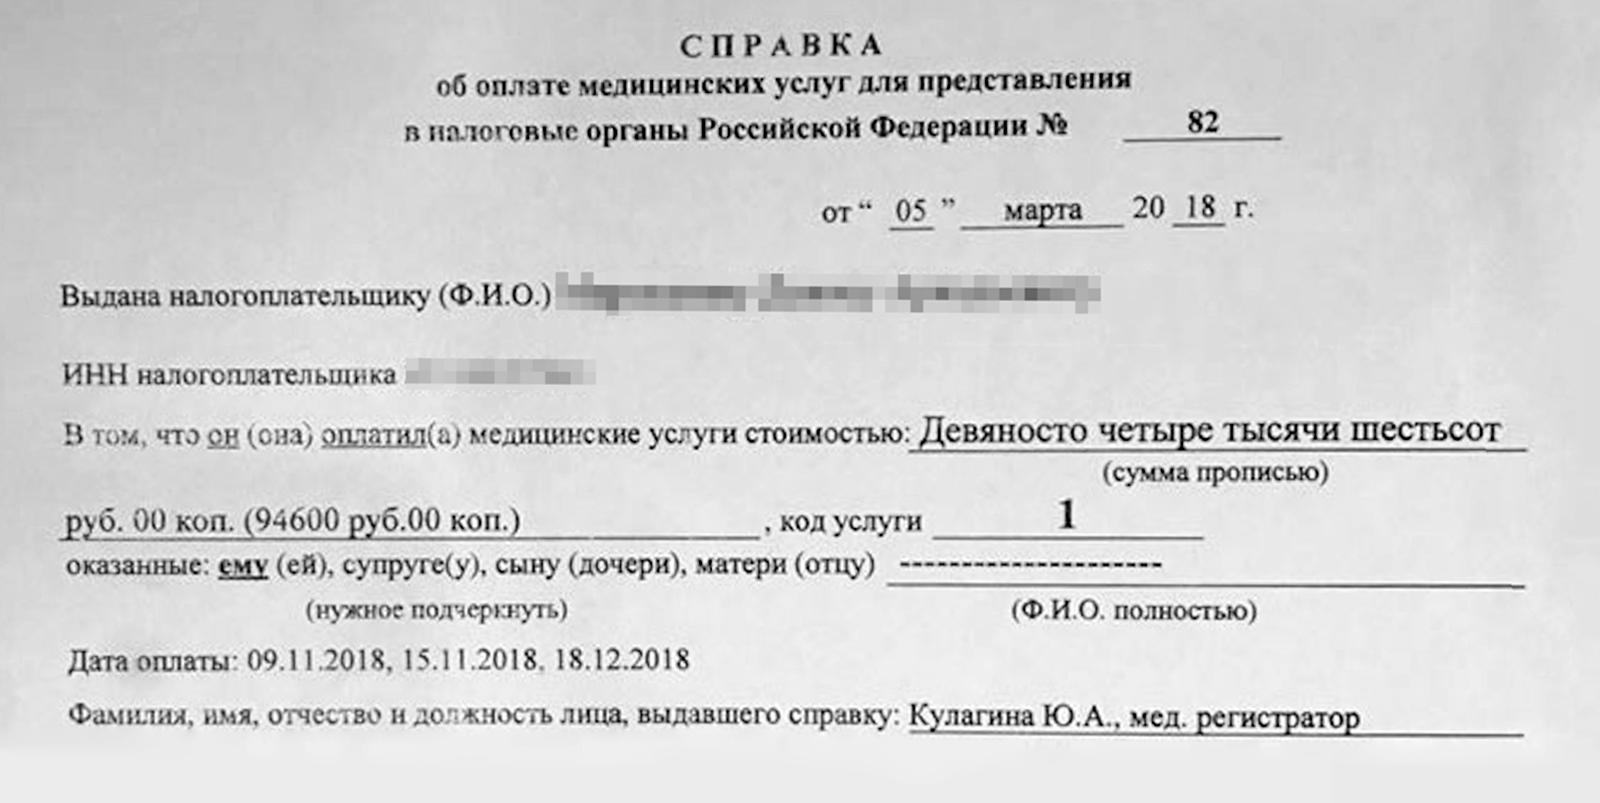 Хотя лечение зубов обошлось почти в 100 тысяч рублей, дорогостоящим для вычета оно не считается